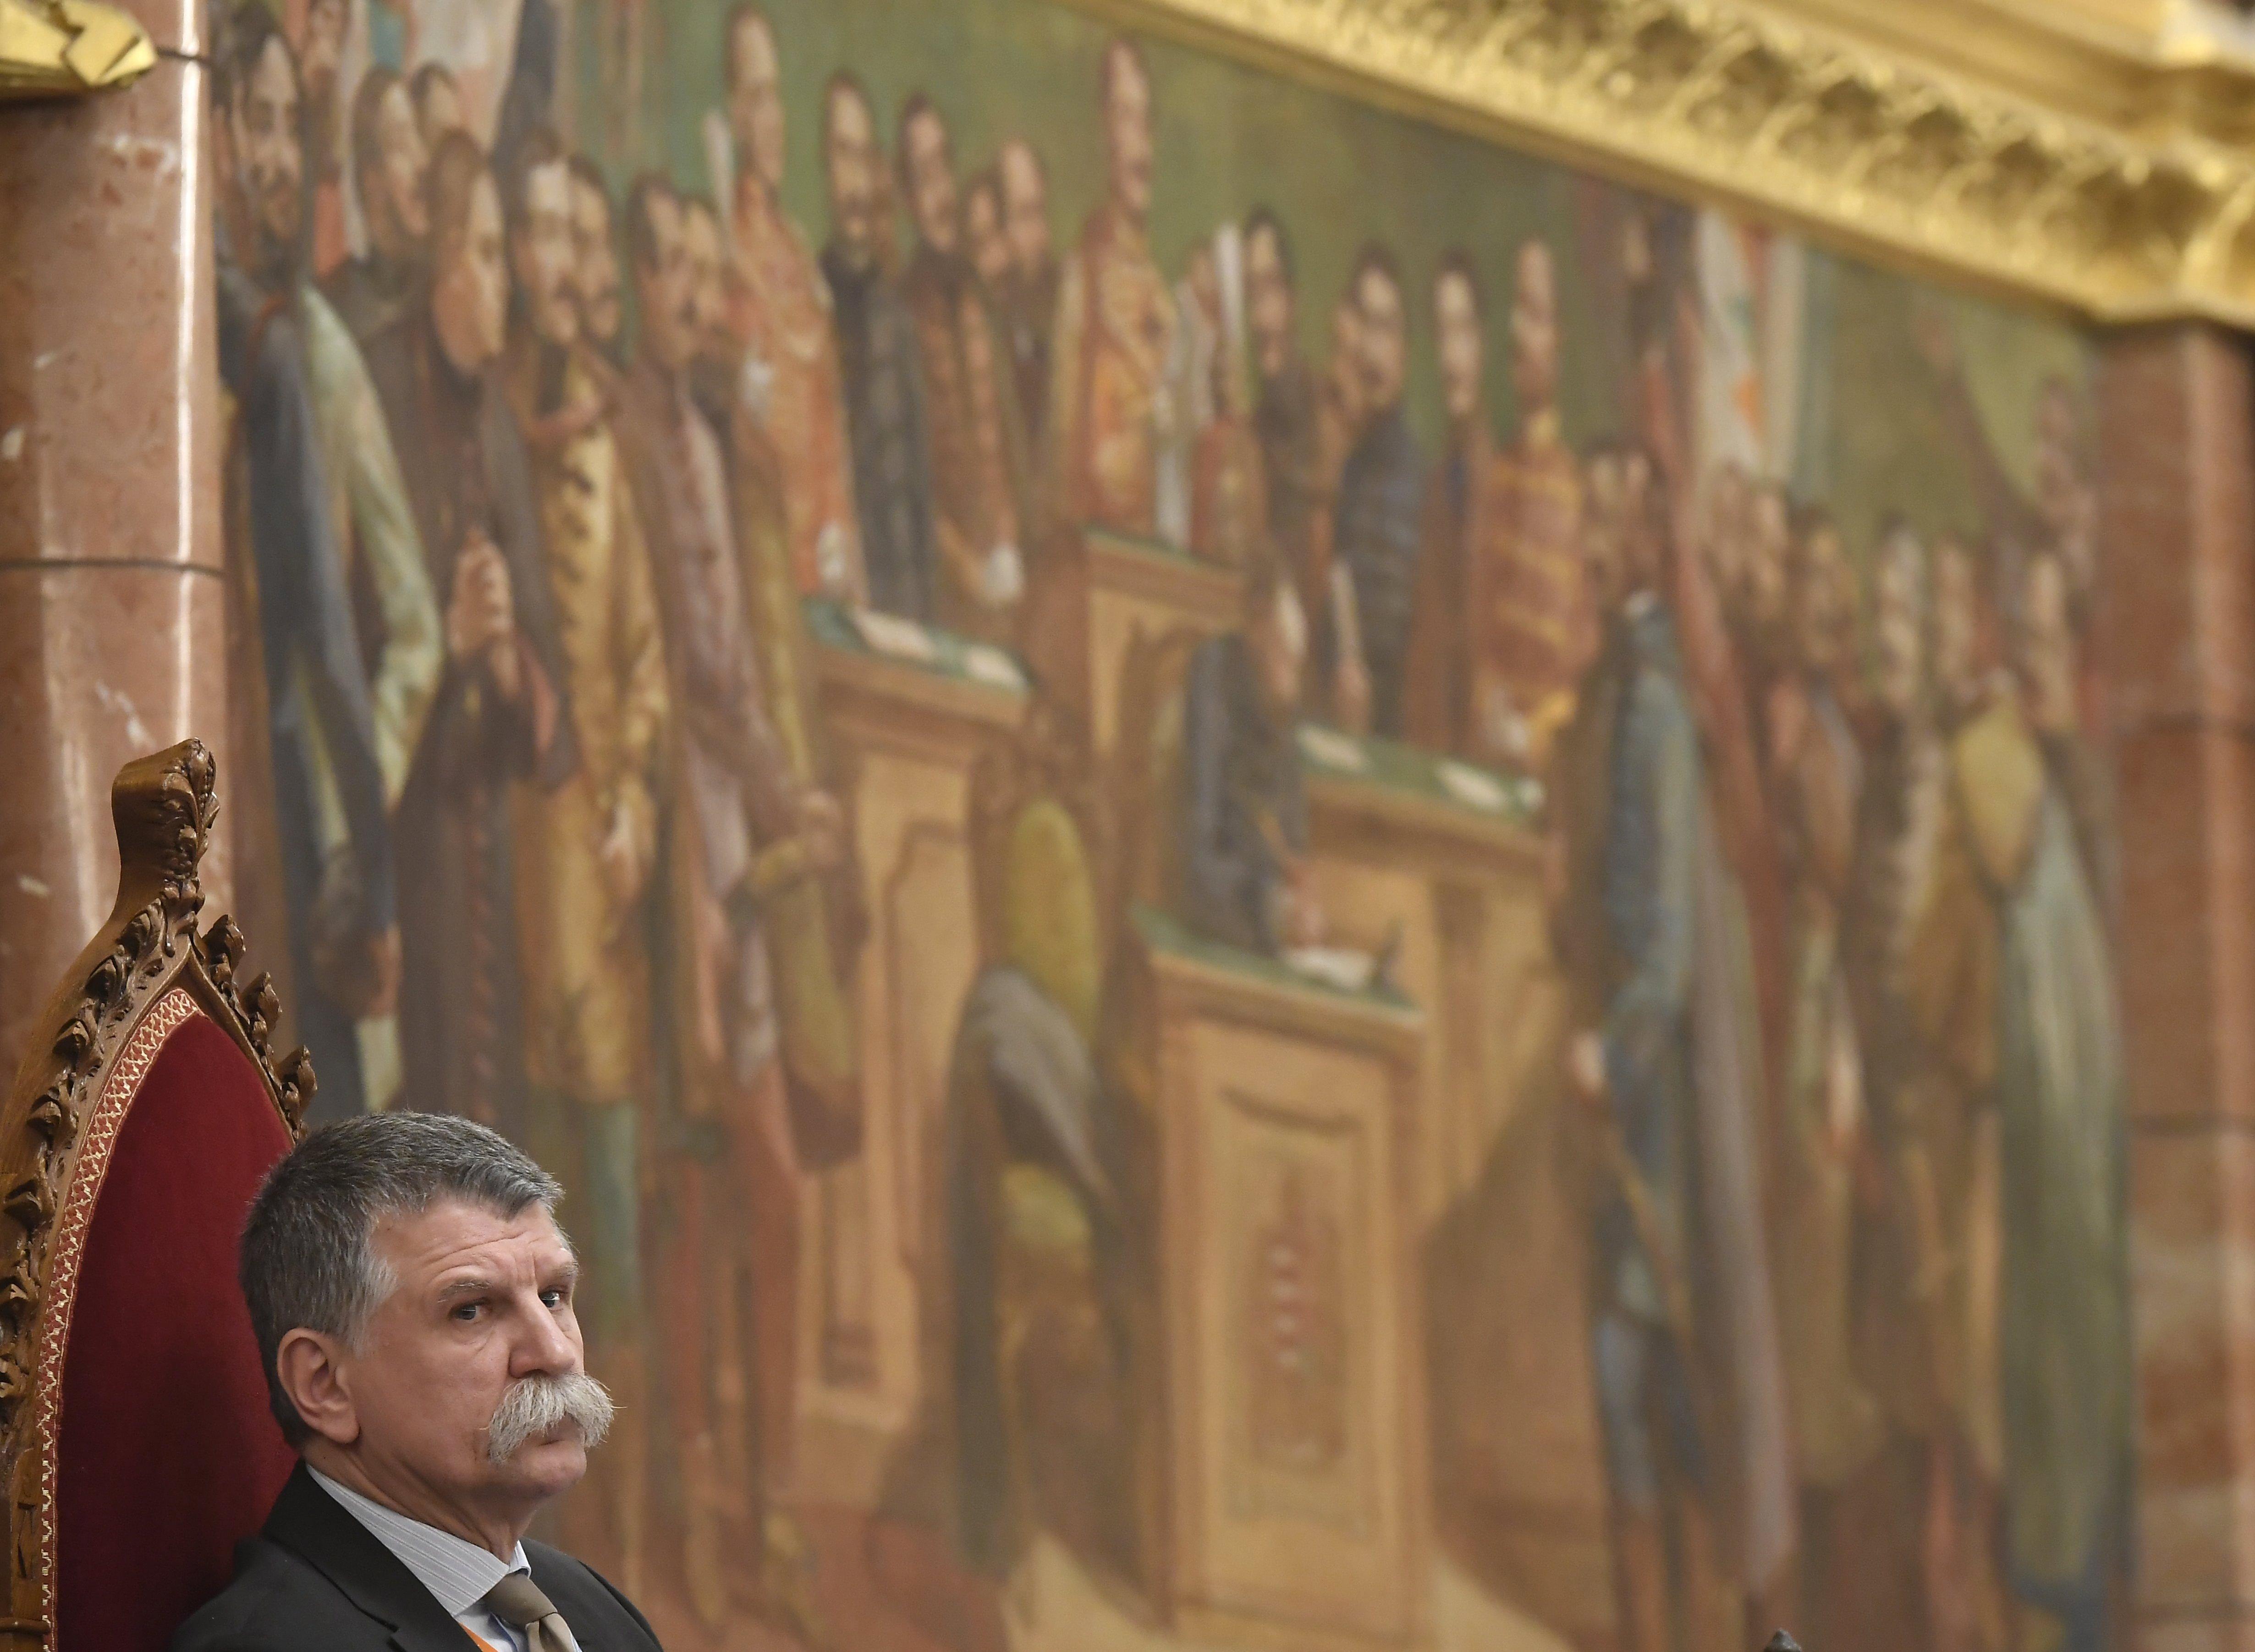 Orbán Viktor nem jelent meg a parlamentben, ahol Tiborczról kérdezték volna